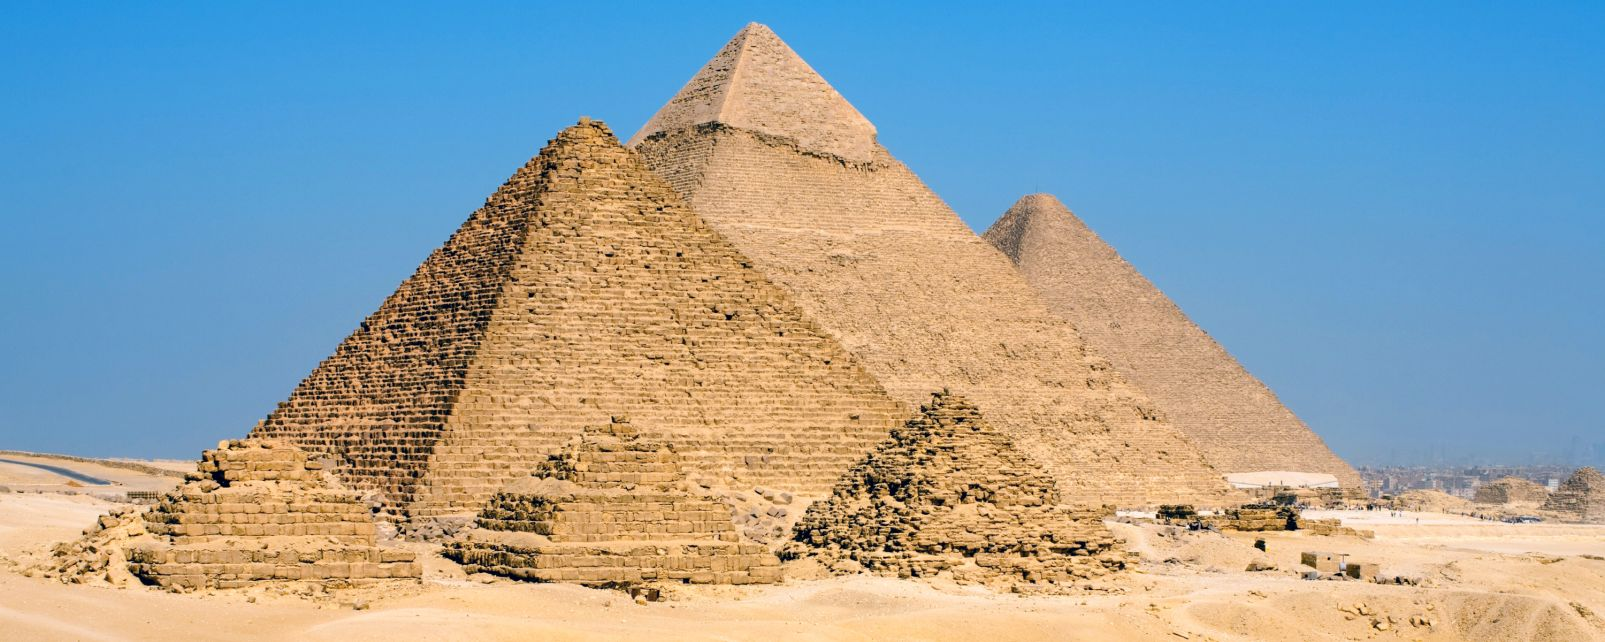 Les pyramides de Gizeh, Les sites, Le Caire, Egypte